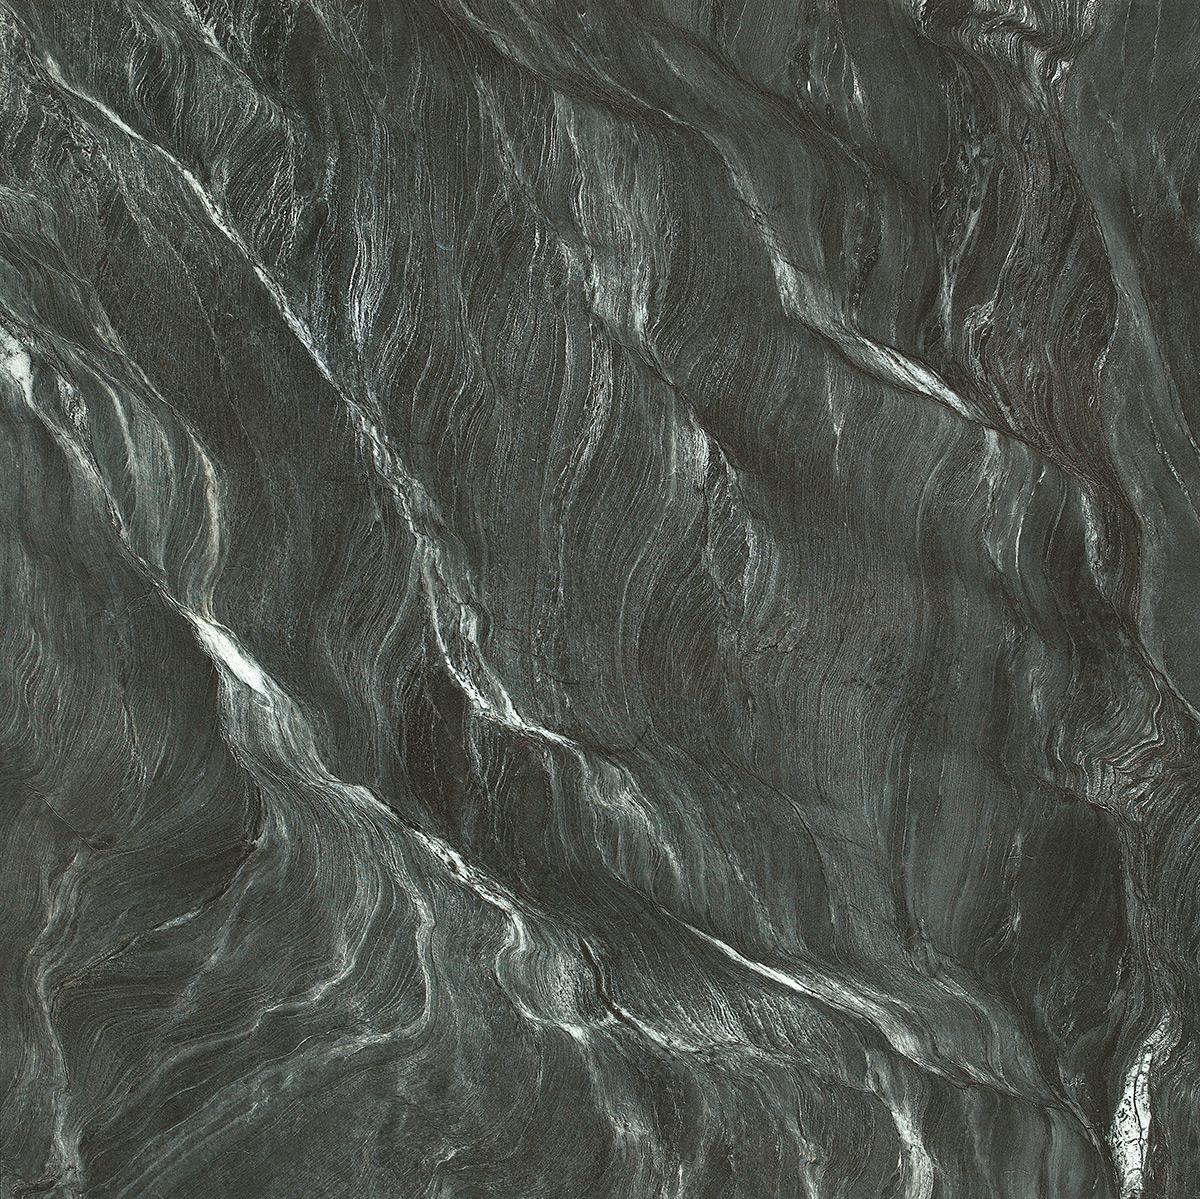 黑色丝绸 HPEG80028,800X800mm